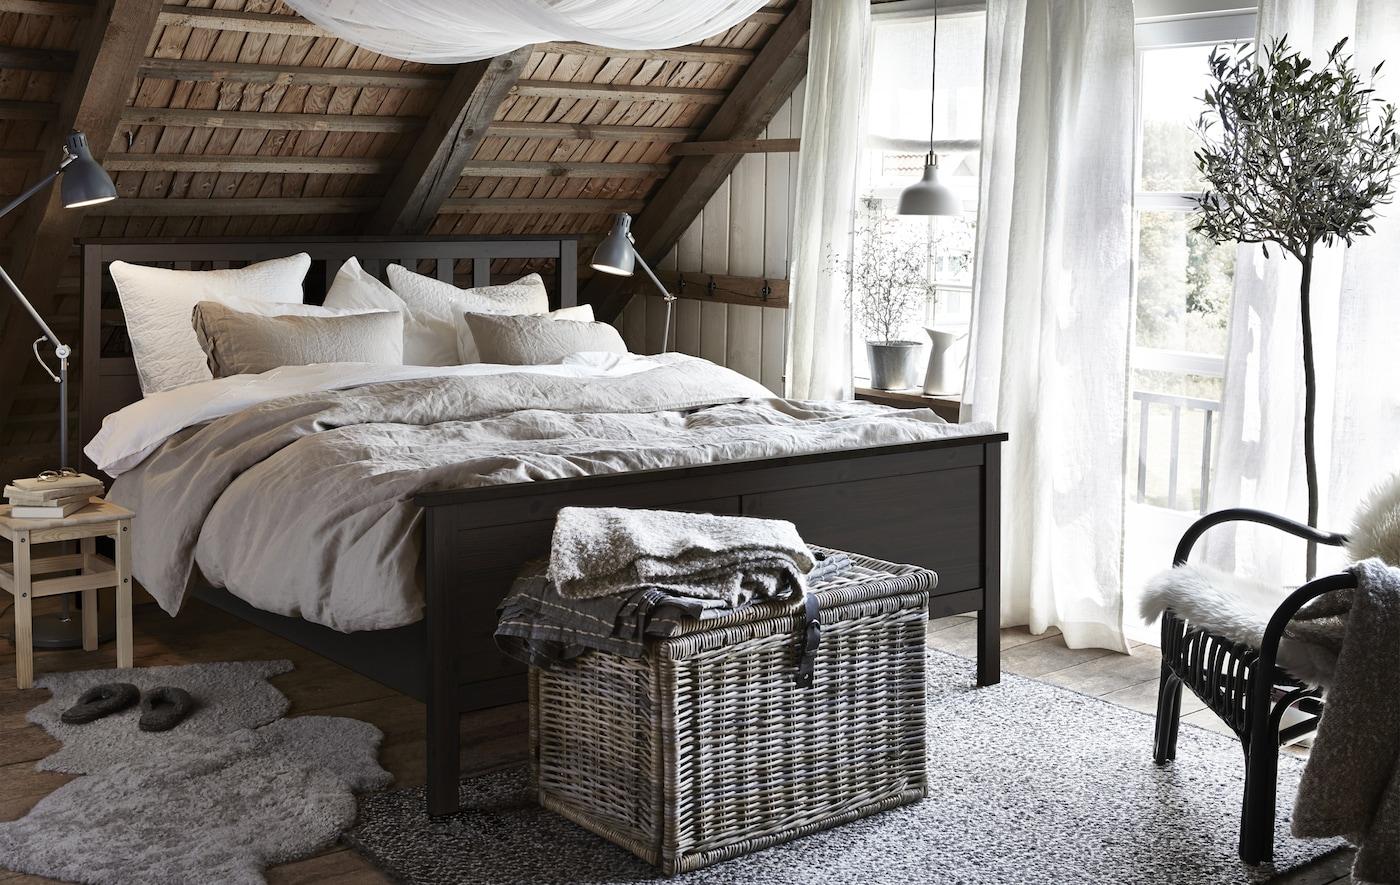 Спальня в сельском стиле с кроватью ХЕМНЭС в черно-коричневом цвете, льняные наволочки, белые занавески на окнах и кресло с овечьей шкурой